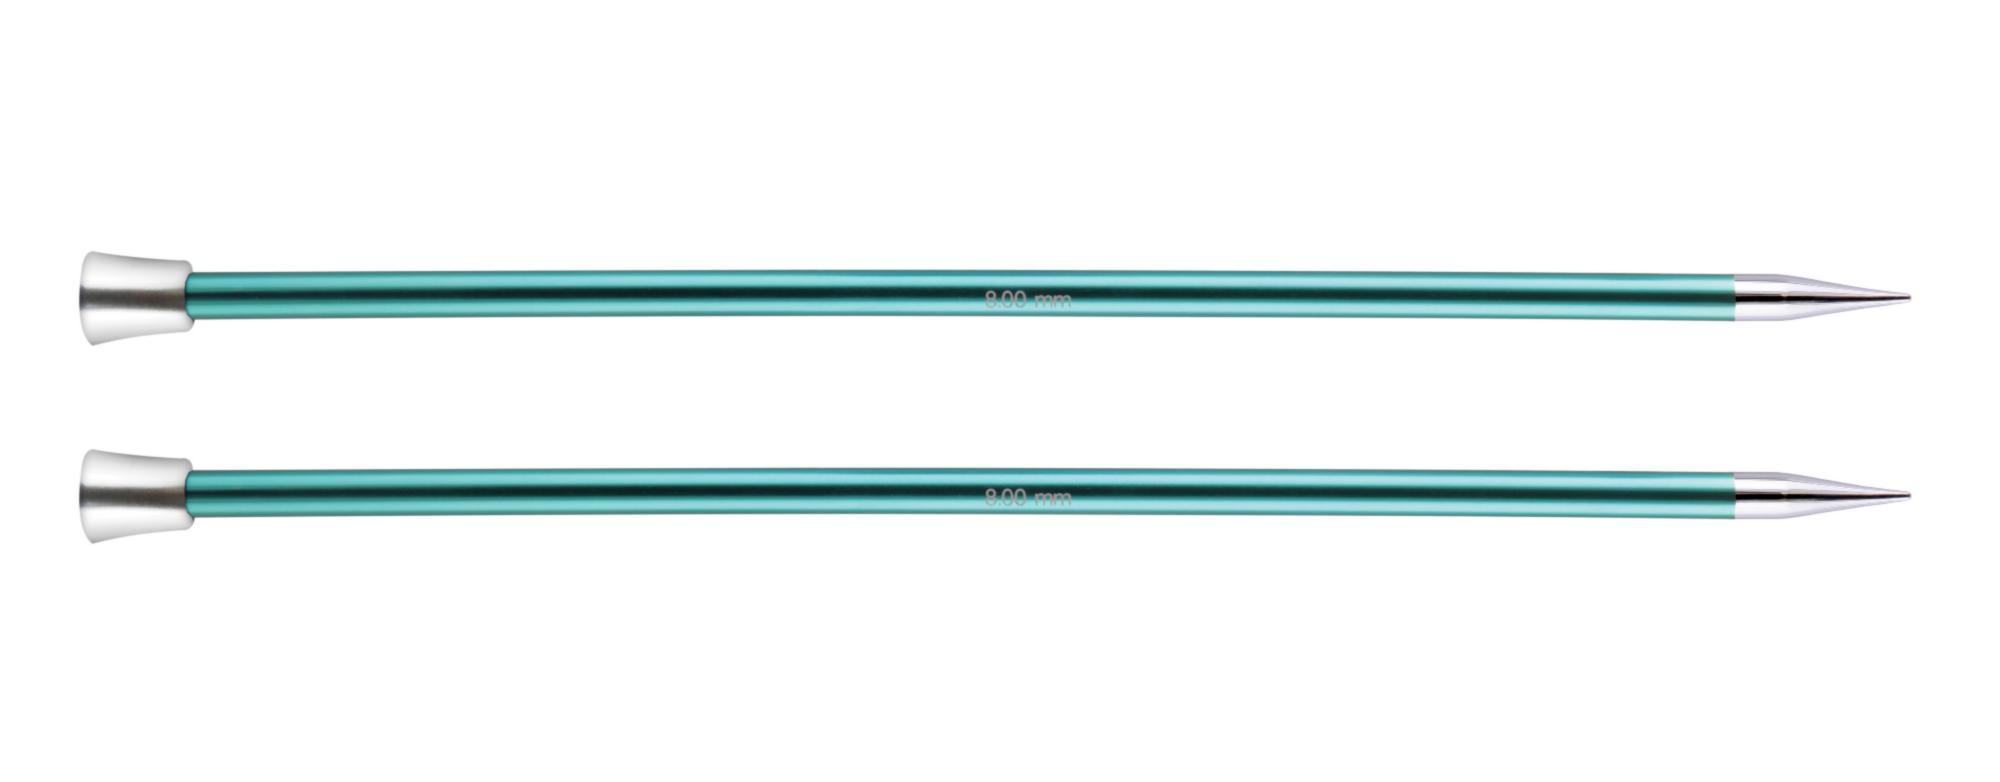 Спицы прямые 35 см Zing KnitPro, 47306, 8.00 мм